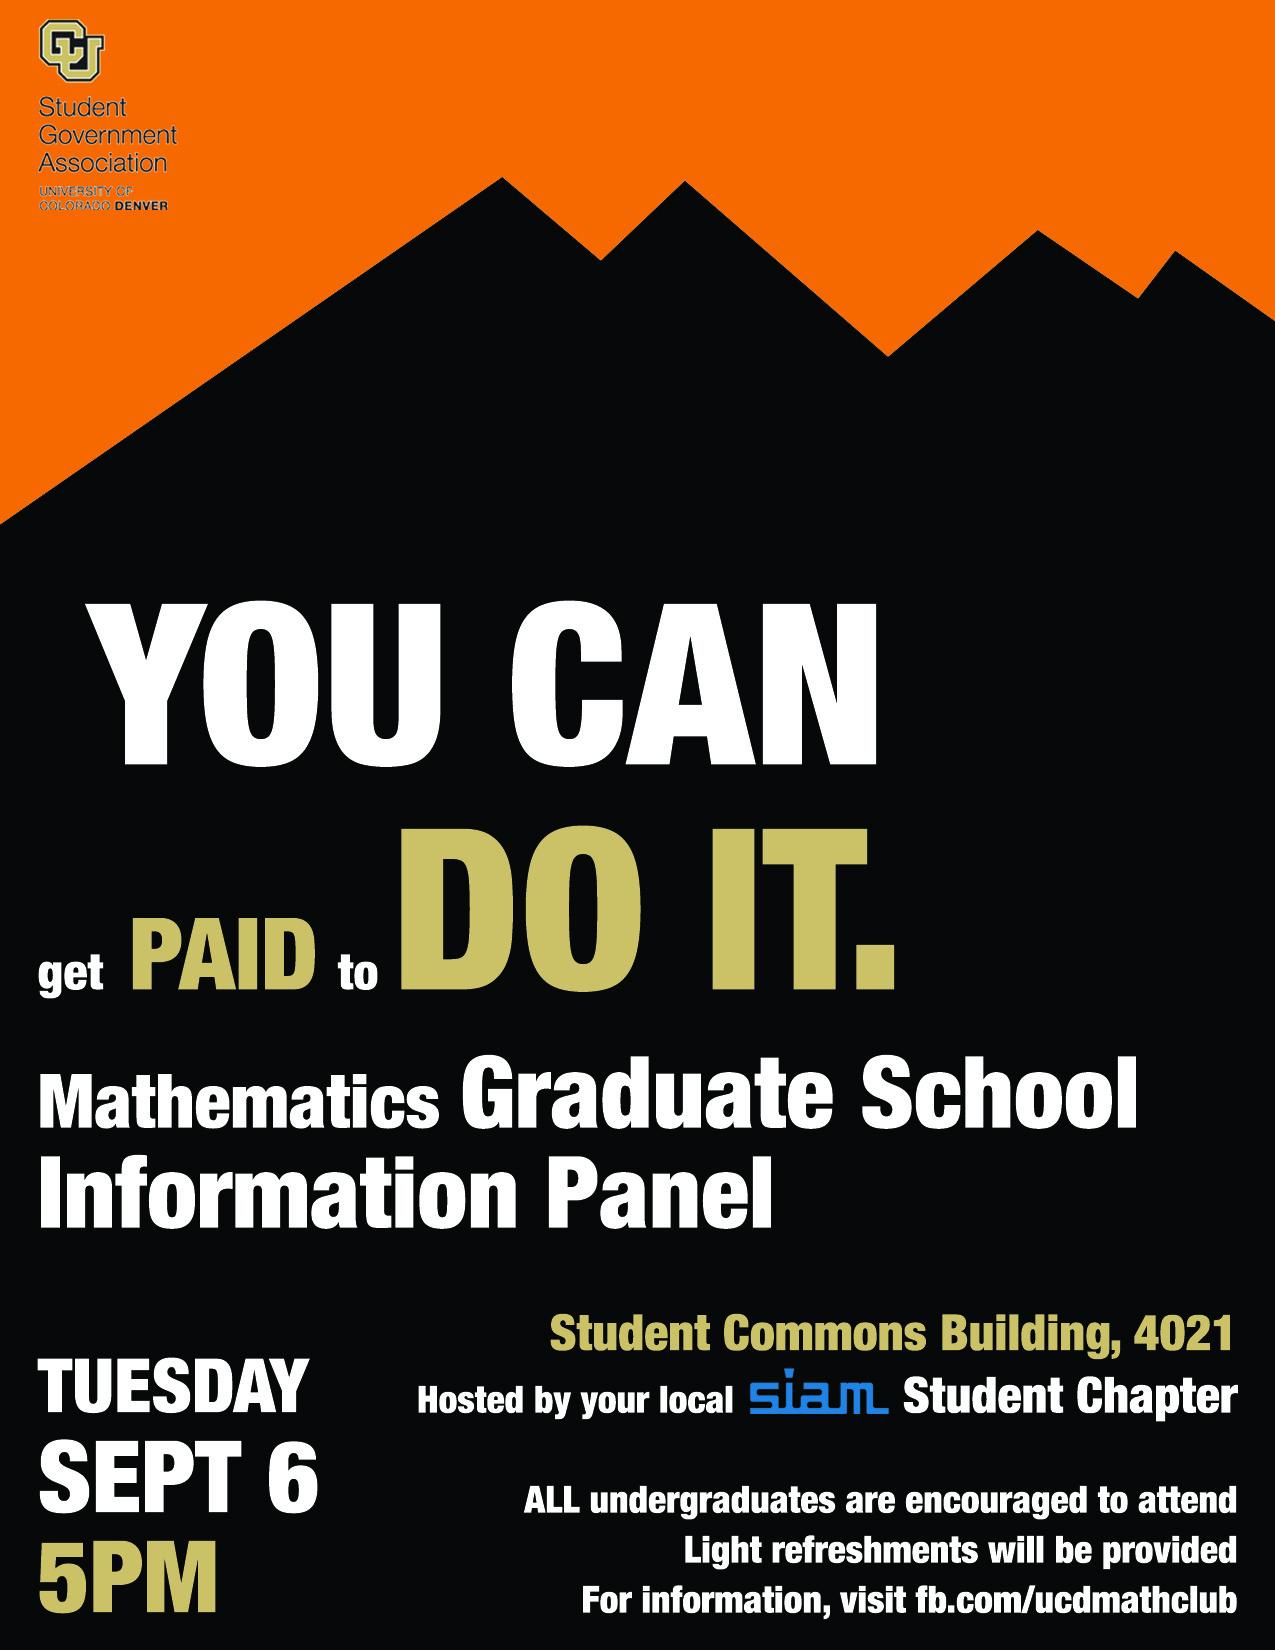 Grad_School_Panel Poster.jpg